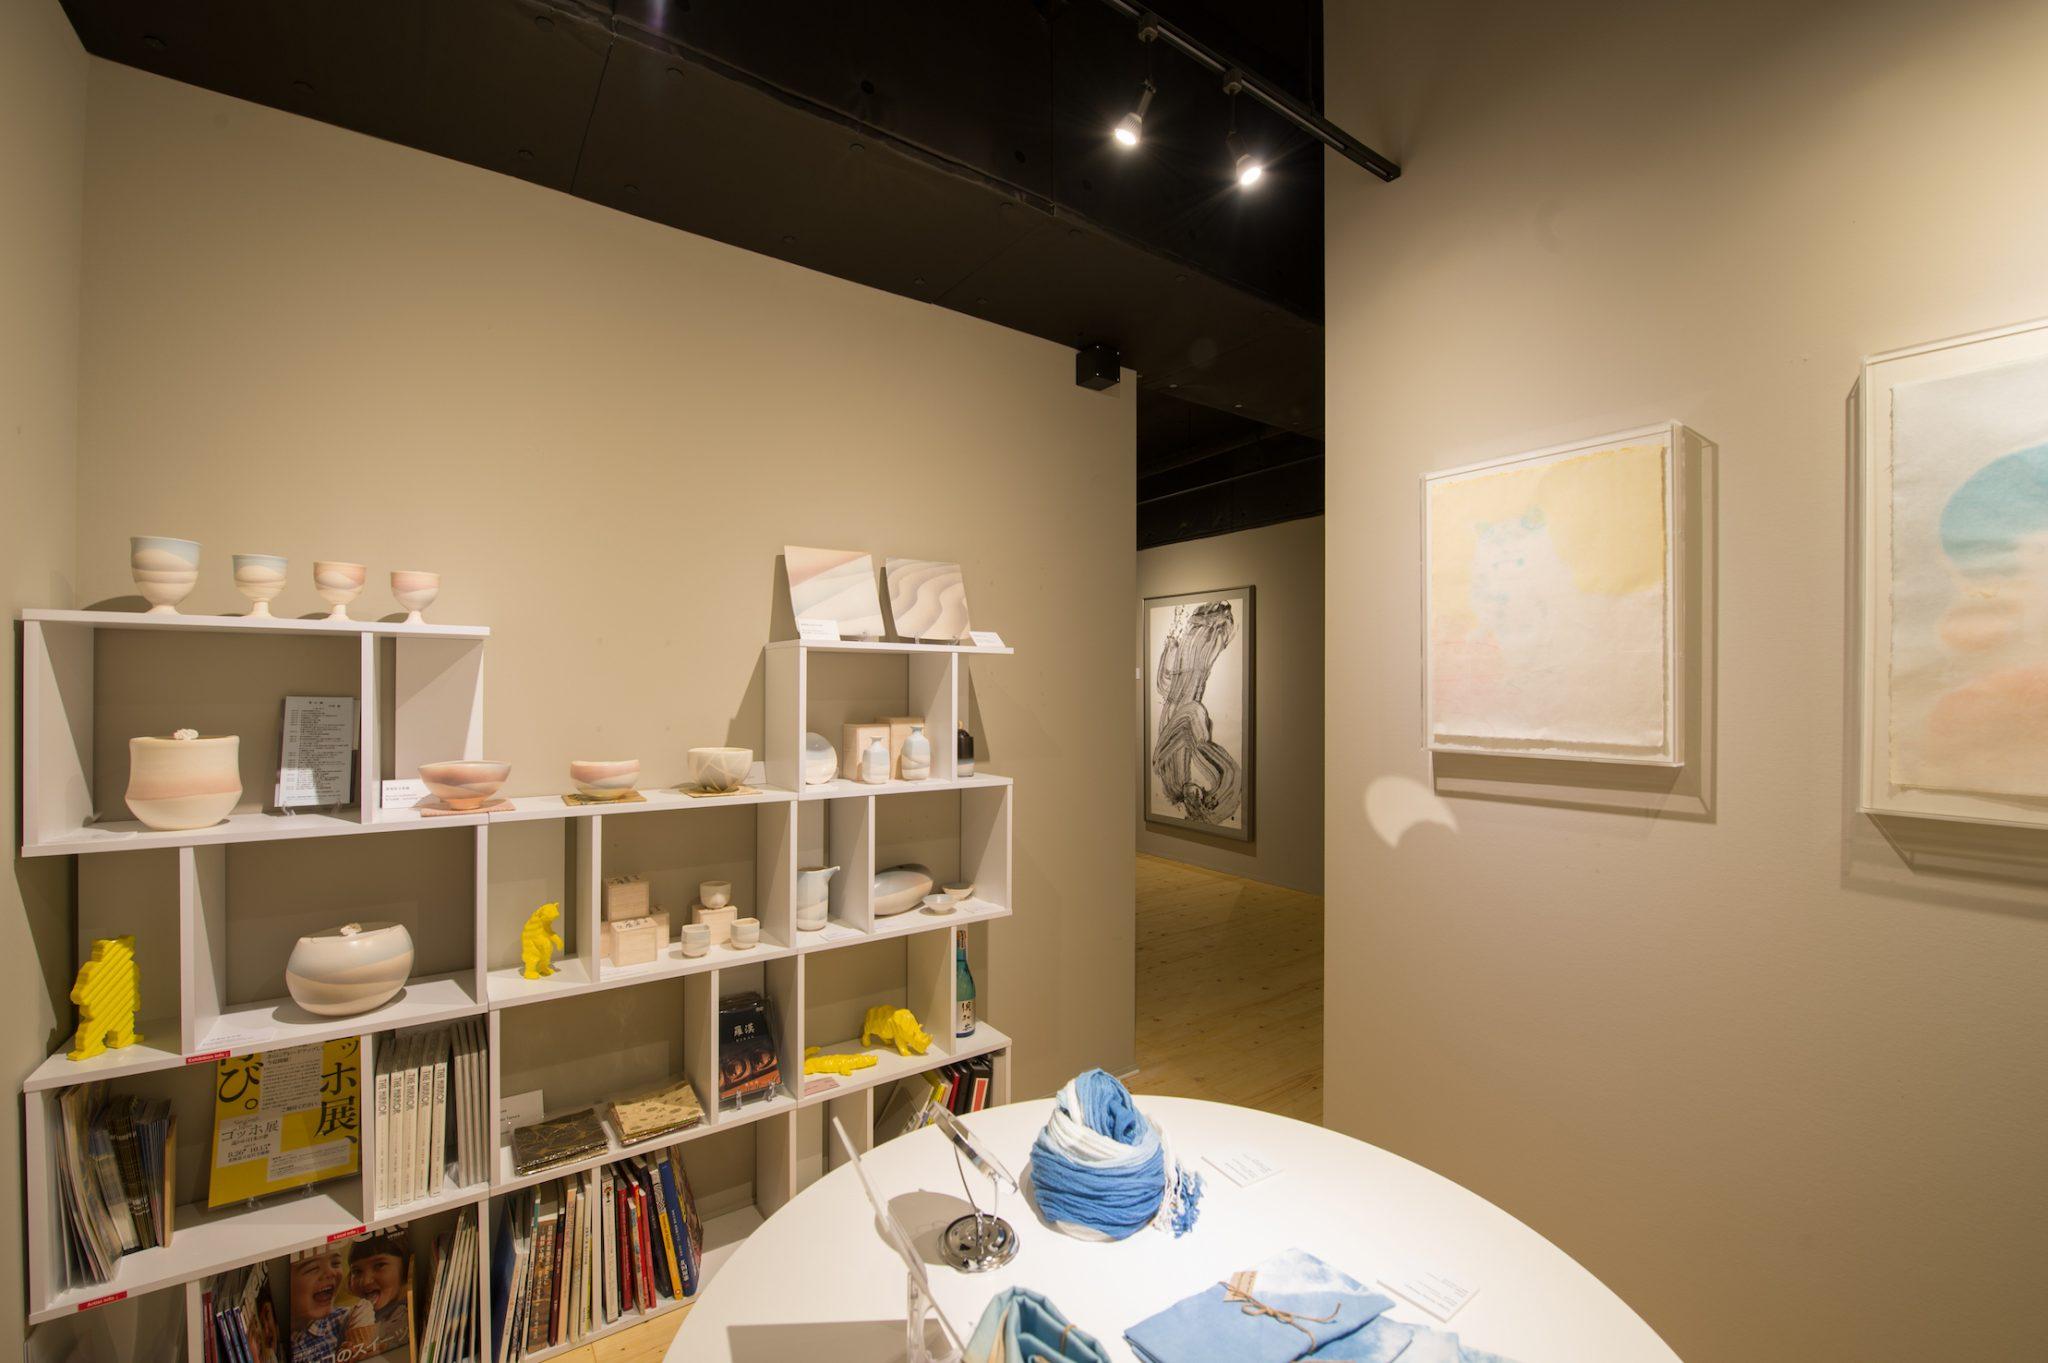 aya-niseko-kiyoe-gallery-3